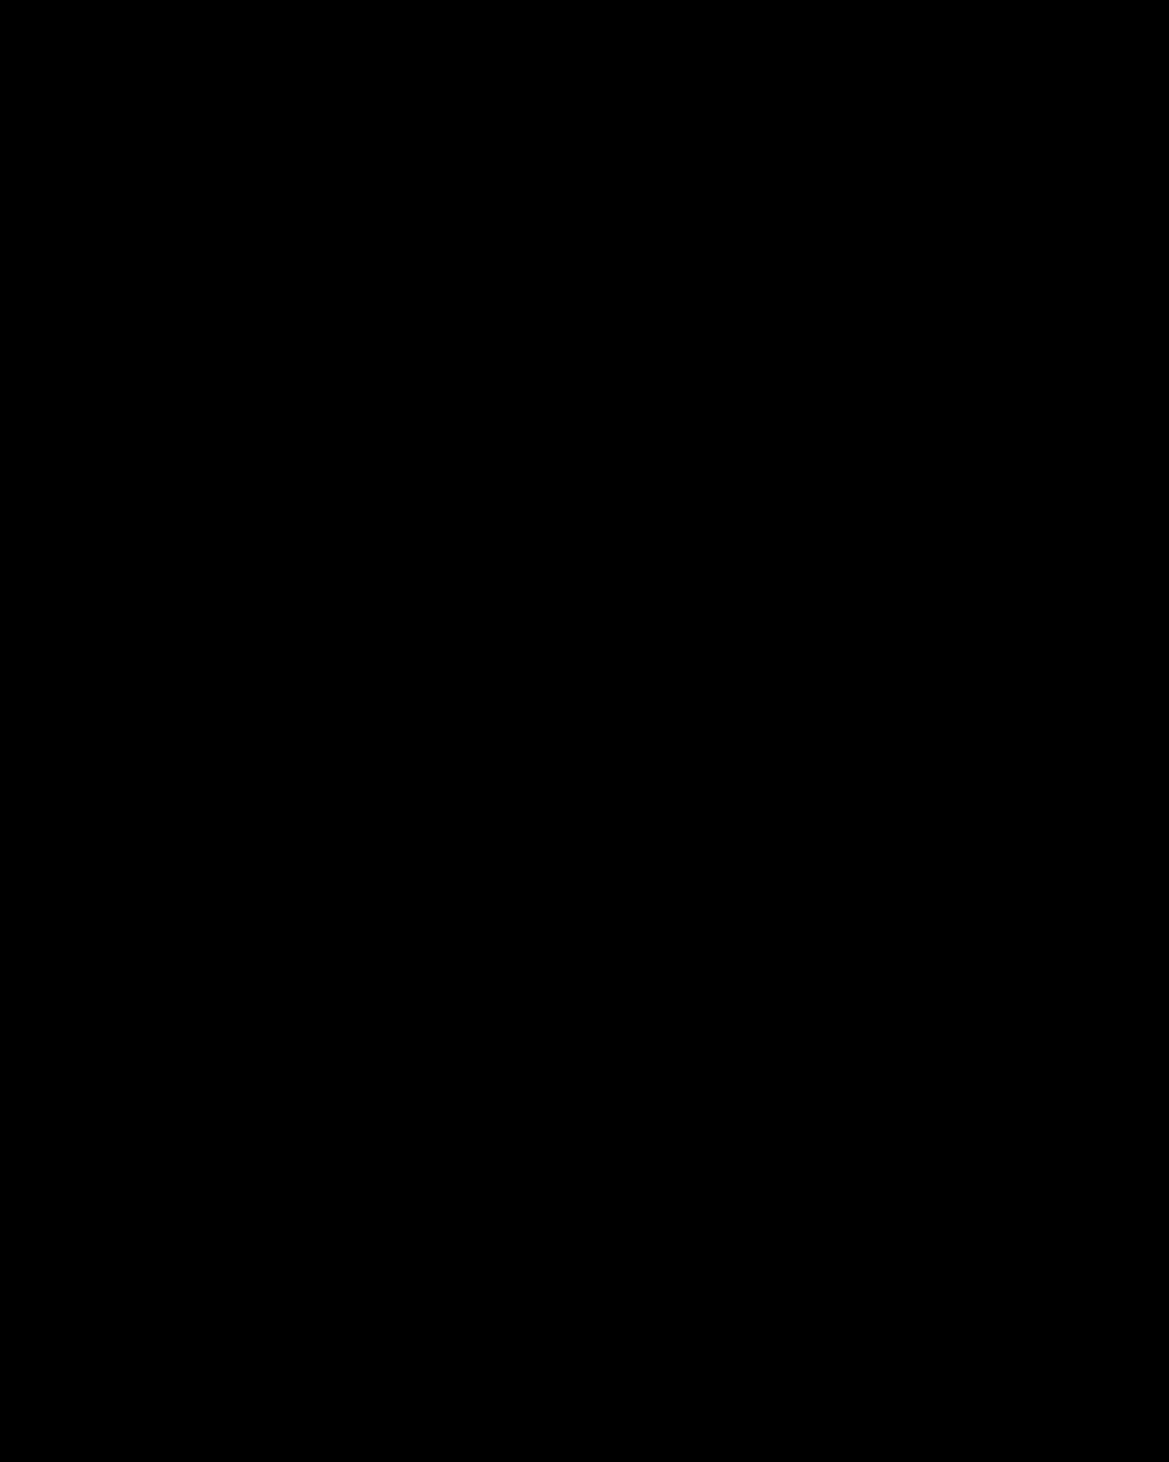 Dolce&Gabbana bag -Laura Comolli a Capo Verde, Isola di Sal: 8 cose da fare e vedere